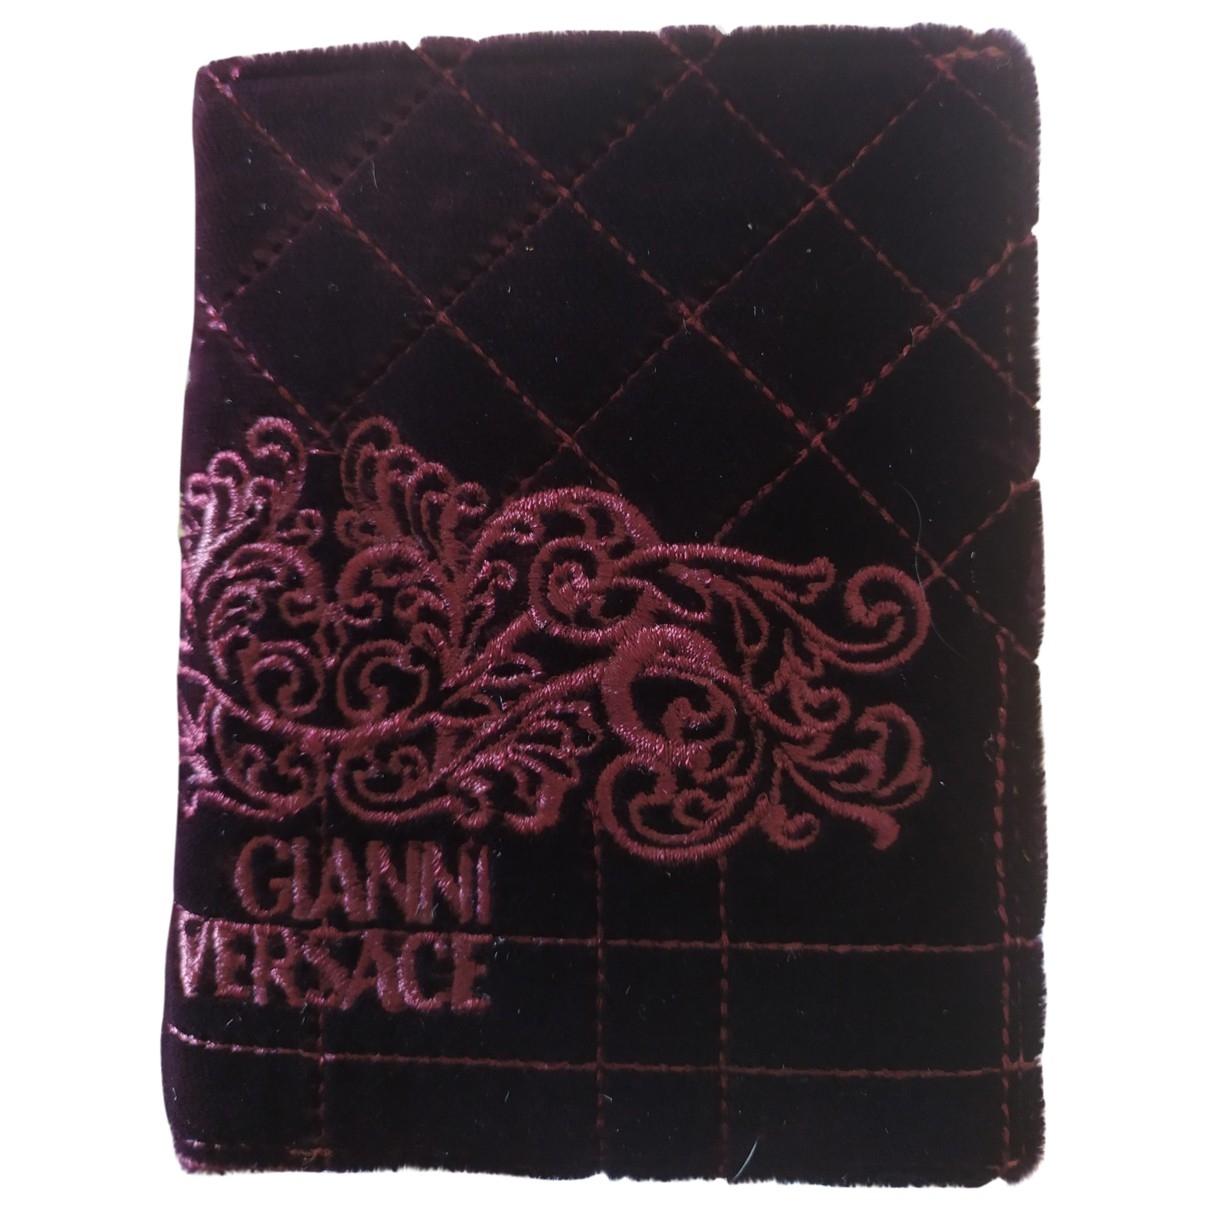 Gianni Versace - Petite maroquinerie   pour homme en velours - bordeaux